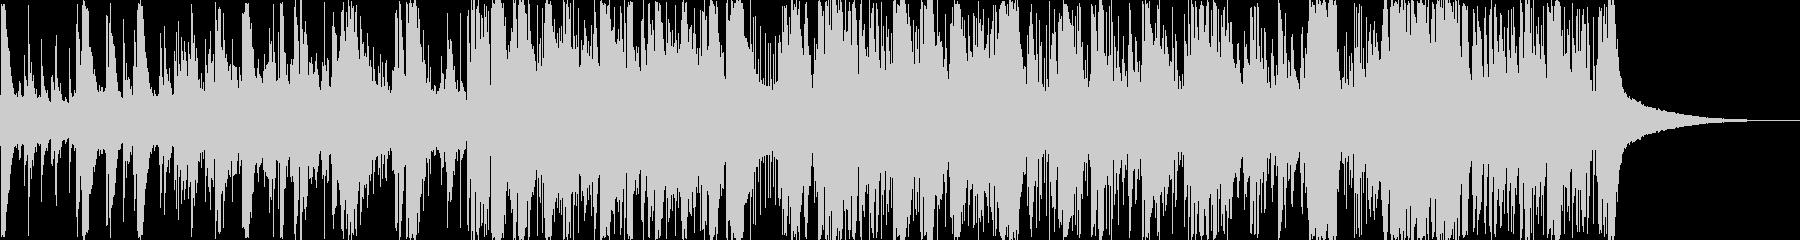 壮大なイメージの曲の未再生の波形